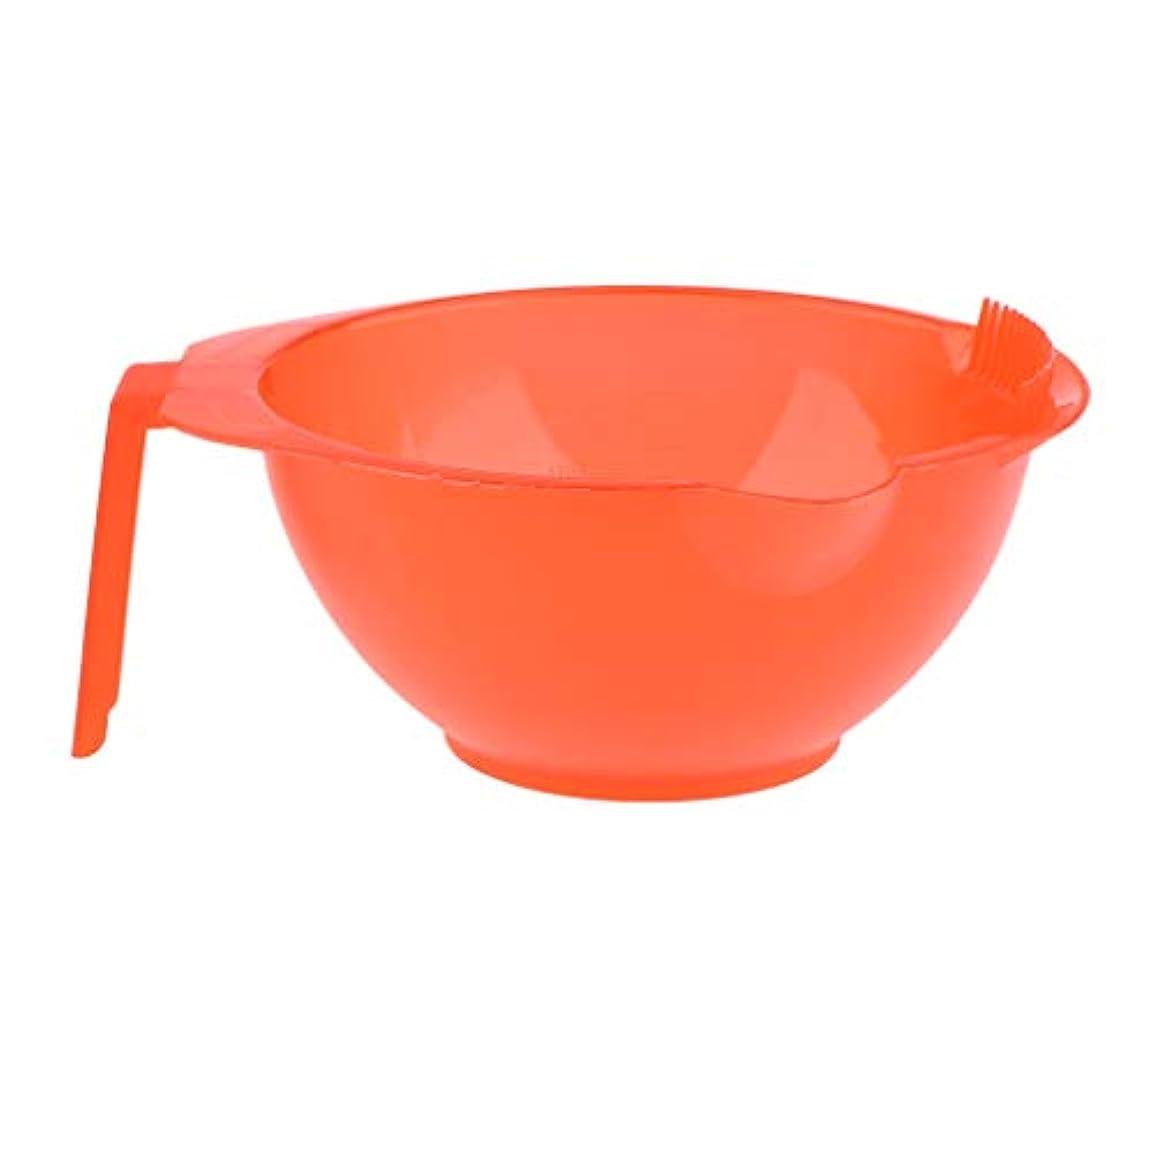 暴露伝統的一人でヘアカラーボール ヘアサロン ヘアダイミキシングボウル エッジ付き 5色選べ - 赤